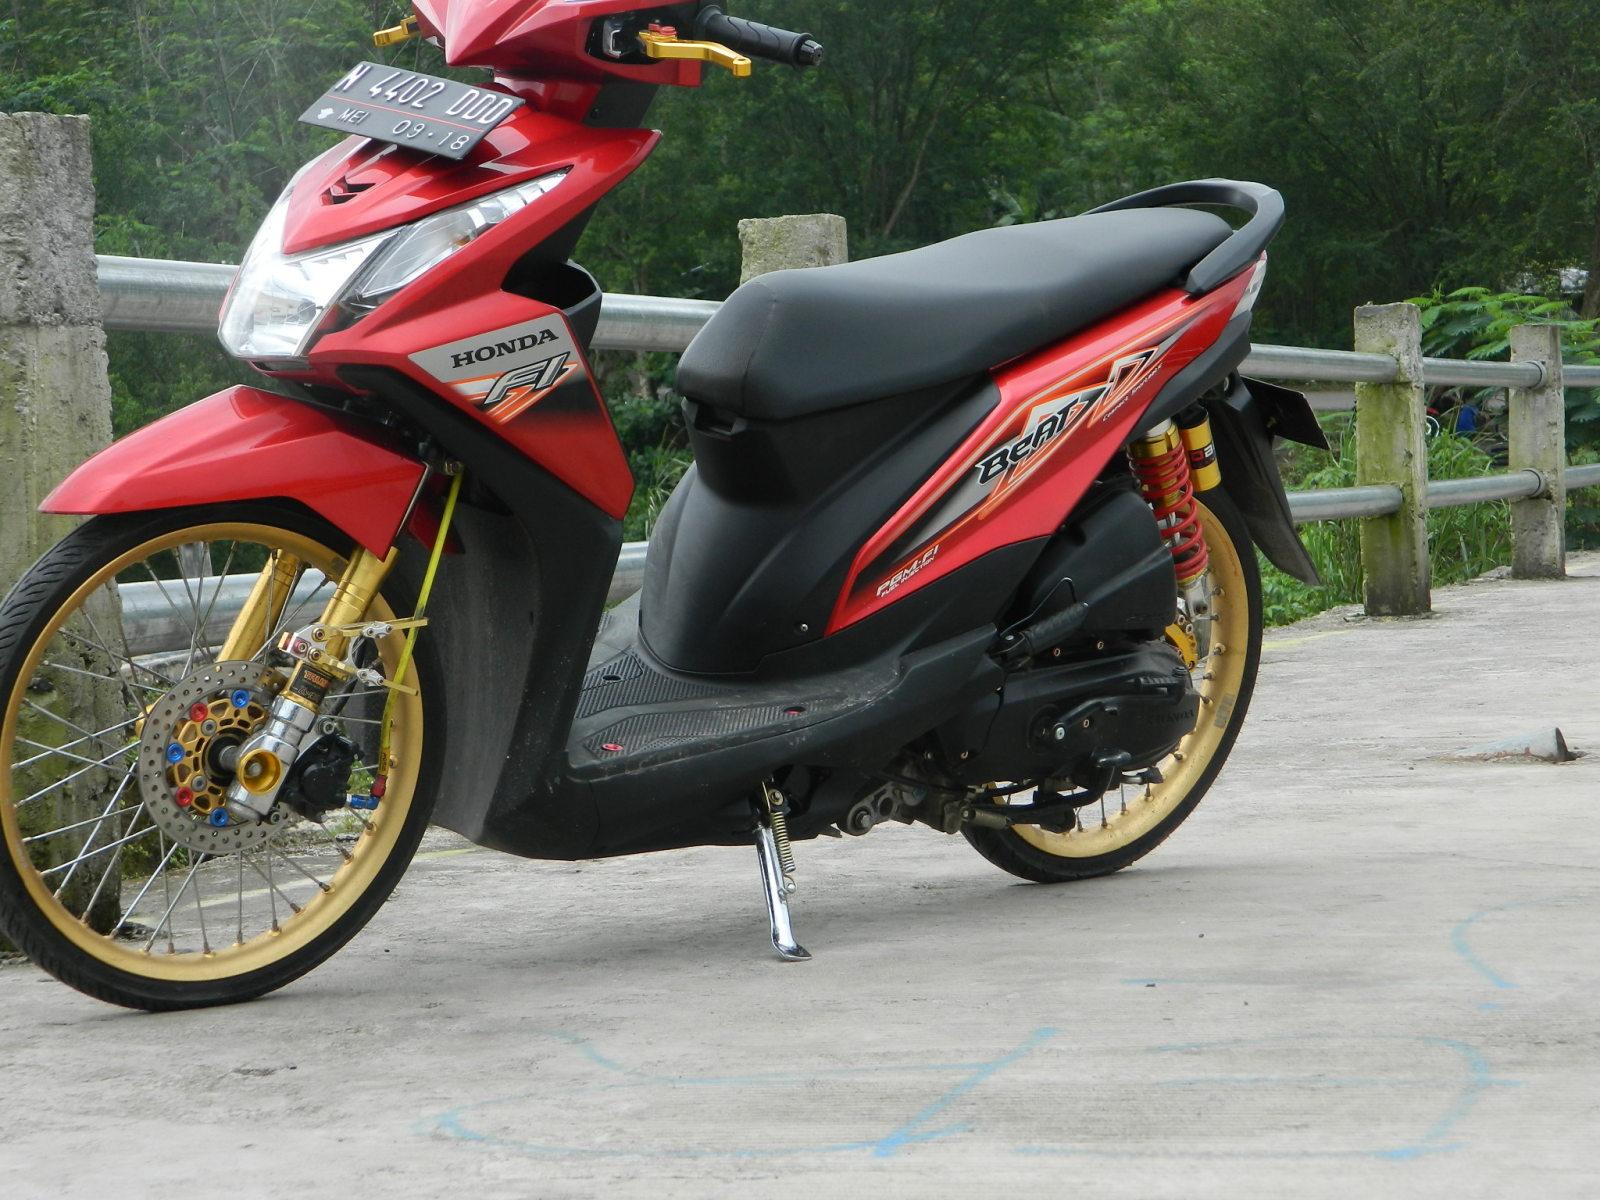 100 Biaya Modif Honda Beat Velg 17 Modifikasi Motor Beat Terbaru